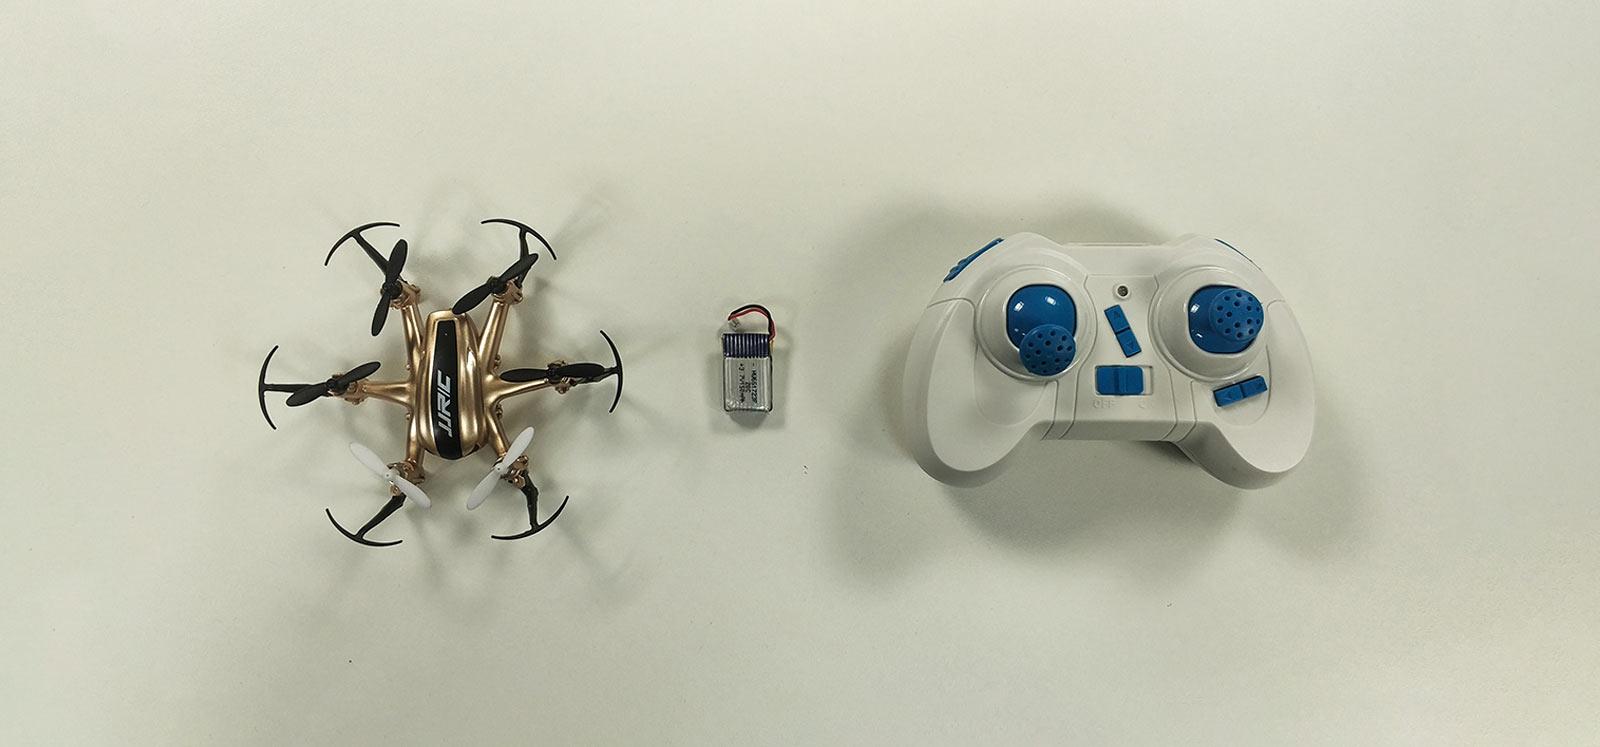 dron para niños de 10 años jjrc h20